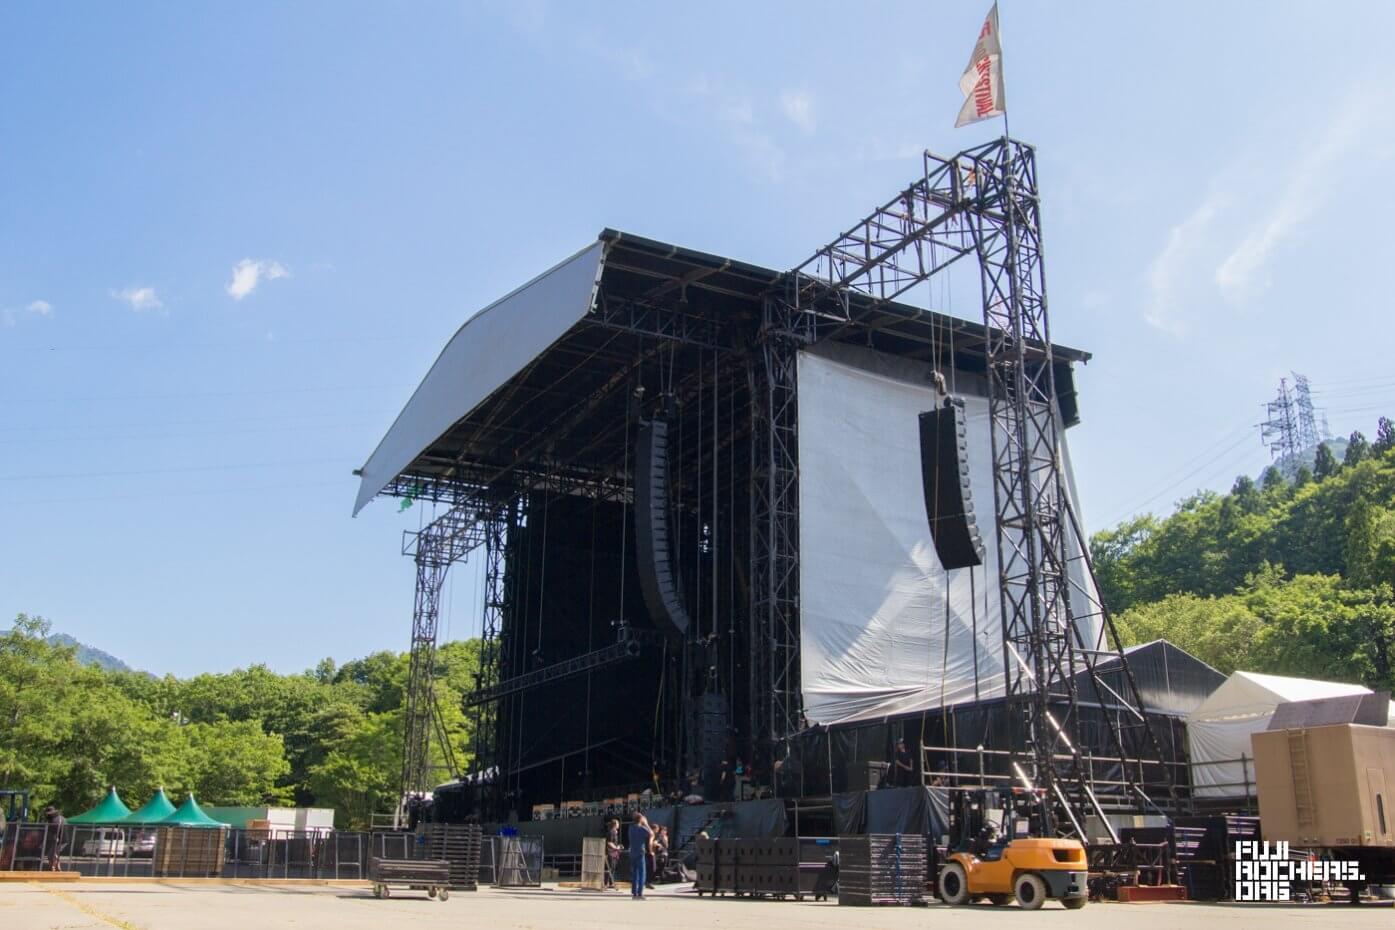 各ステージも本格的な設営が始まっています!